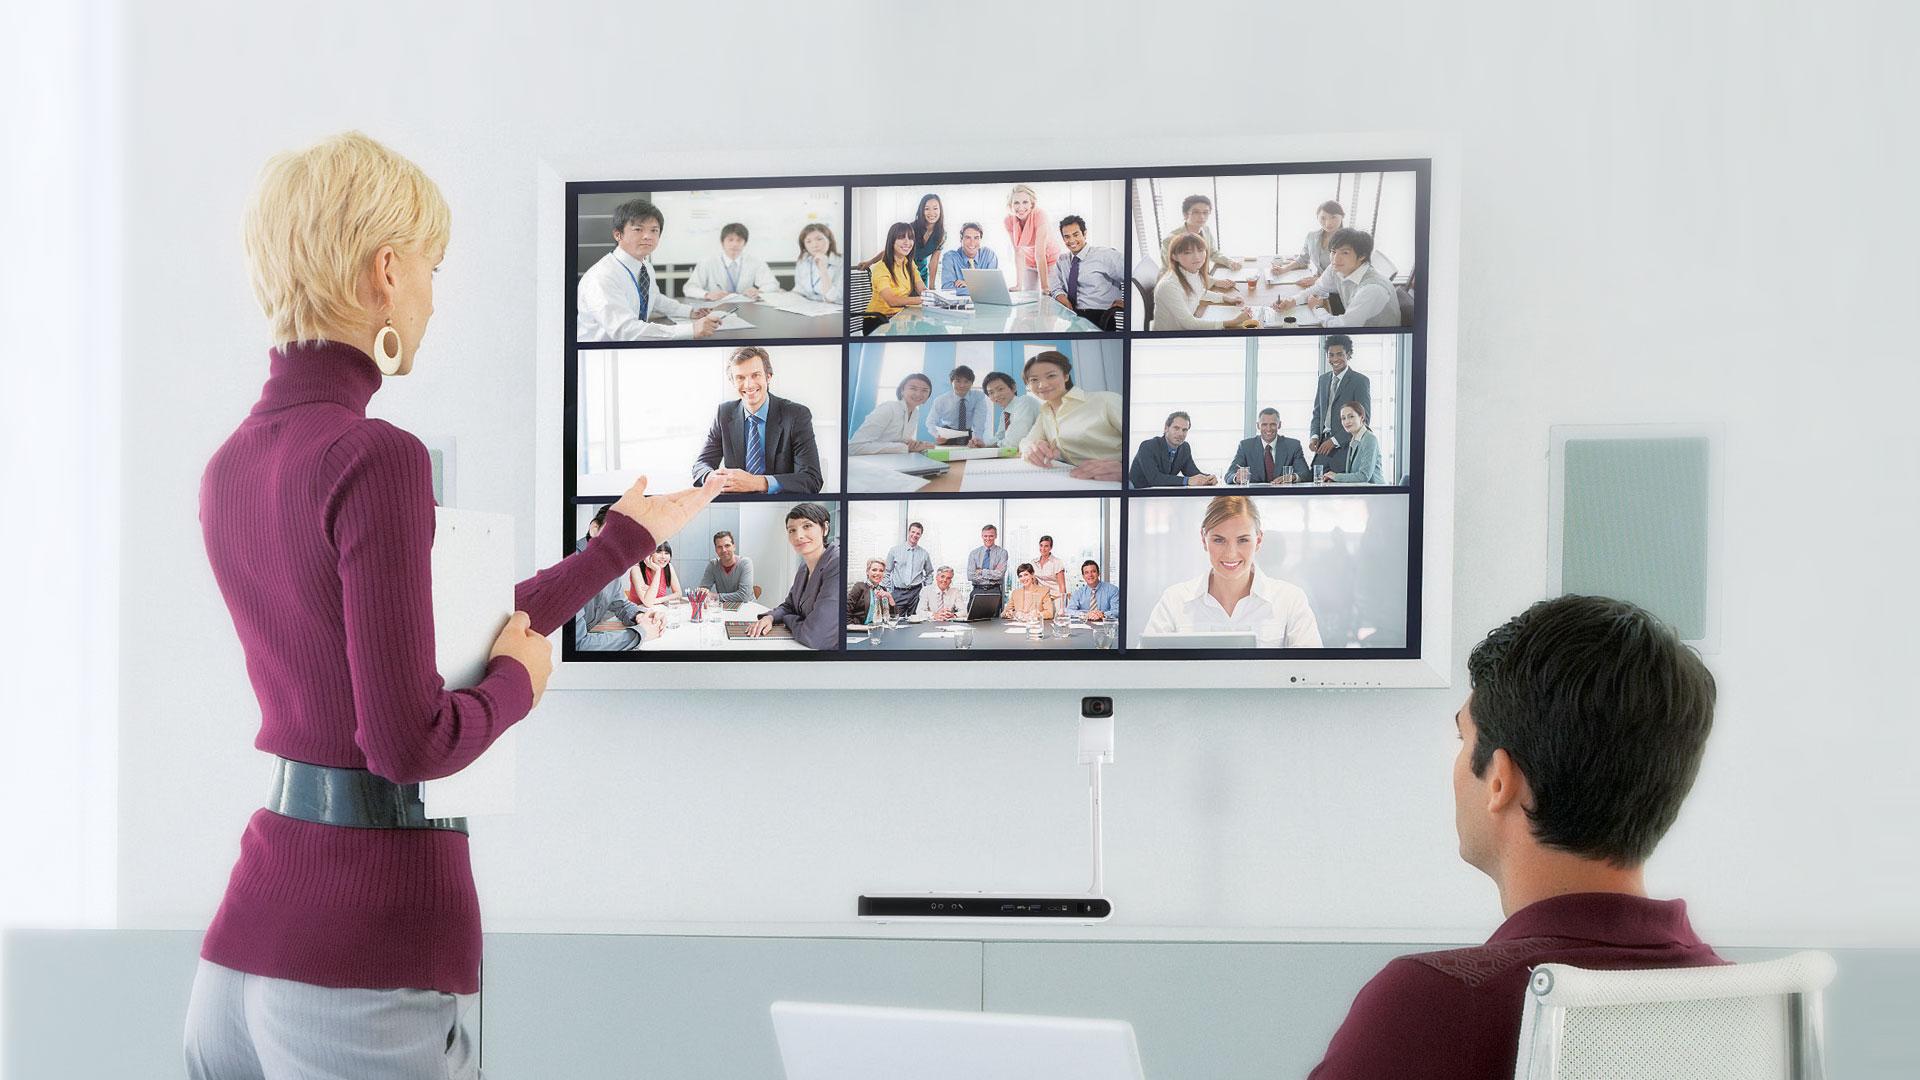 Voorbeeld videoconferencing